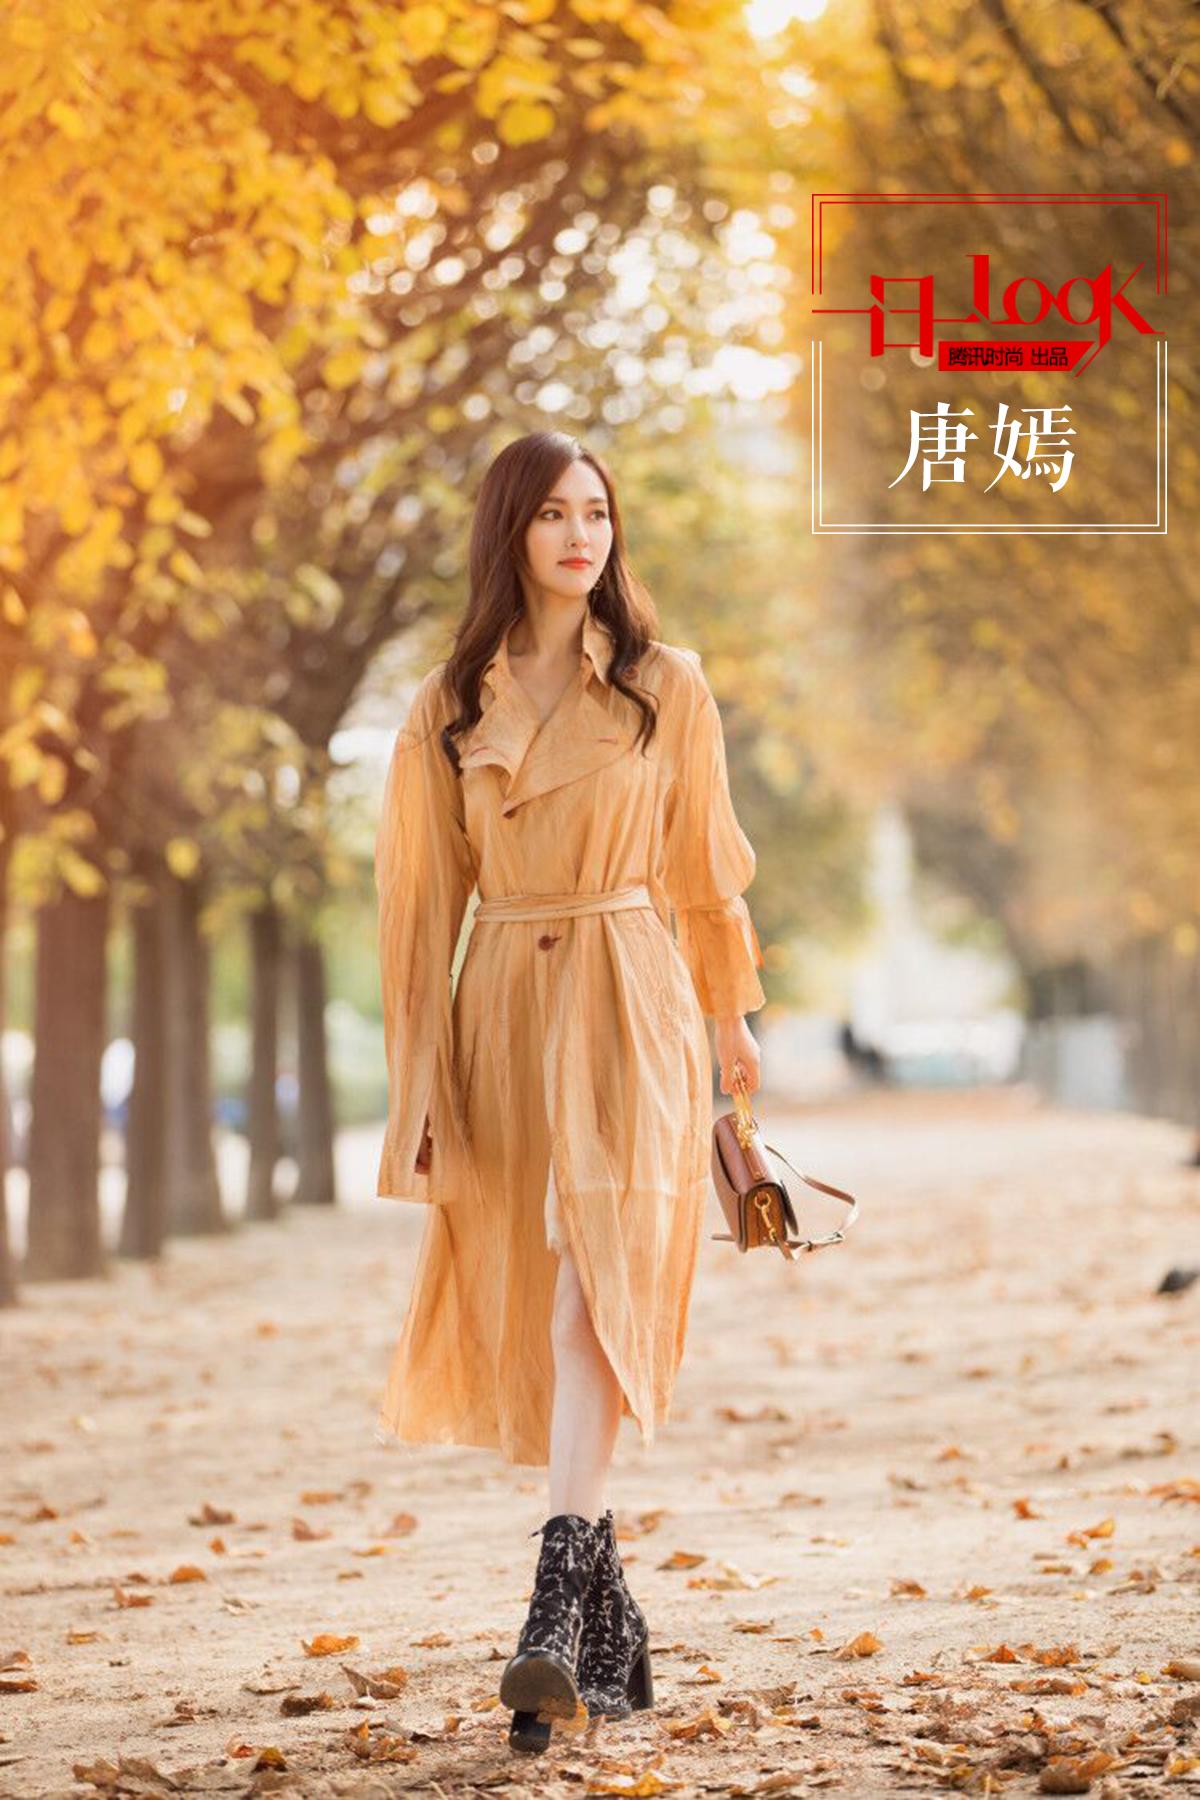 一日一look 高跟靴搭配杏色风衣 唐嫣告诉你这才是17年时尚的打开方式